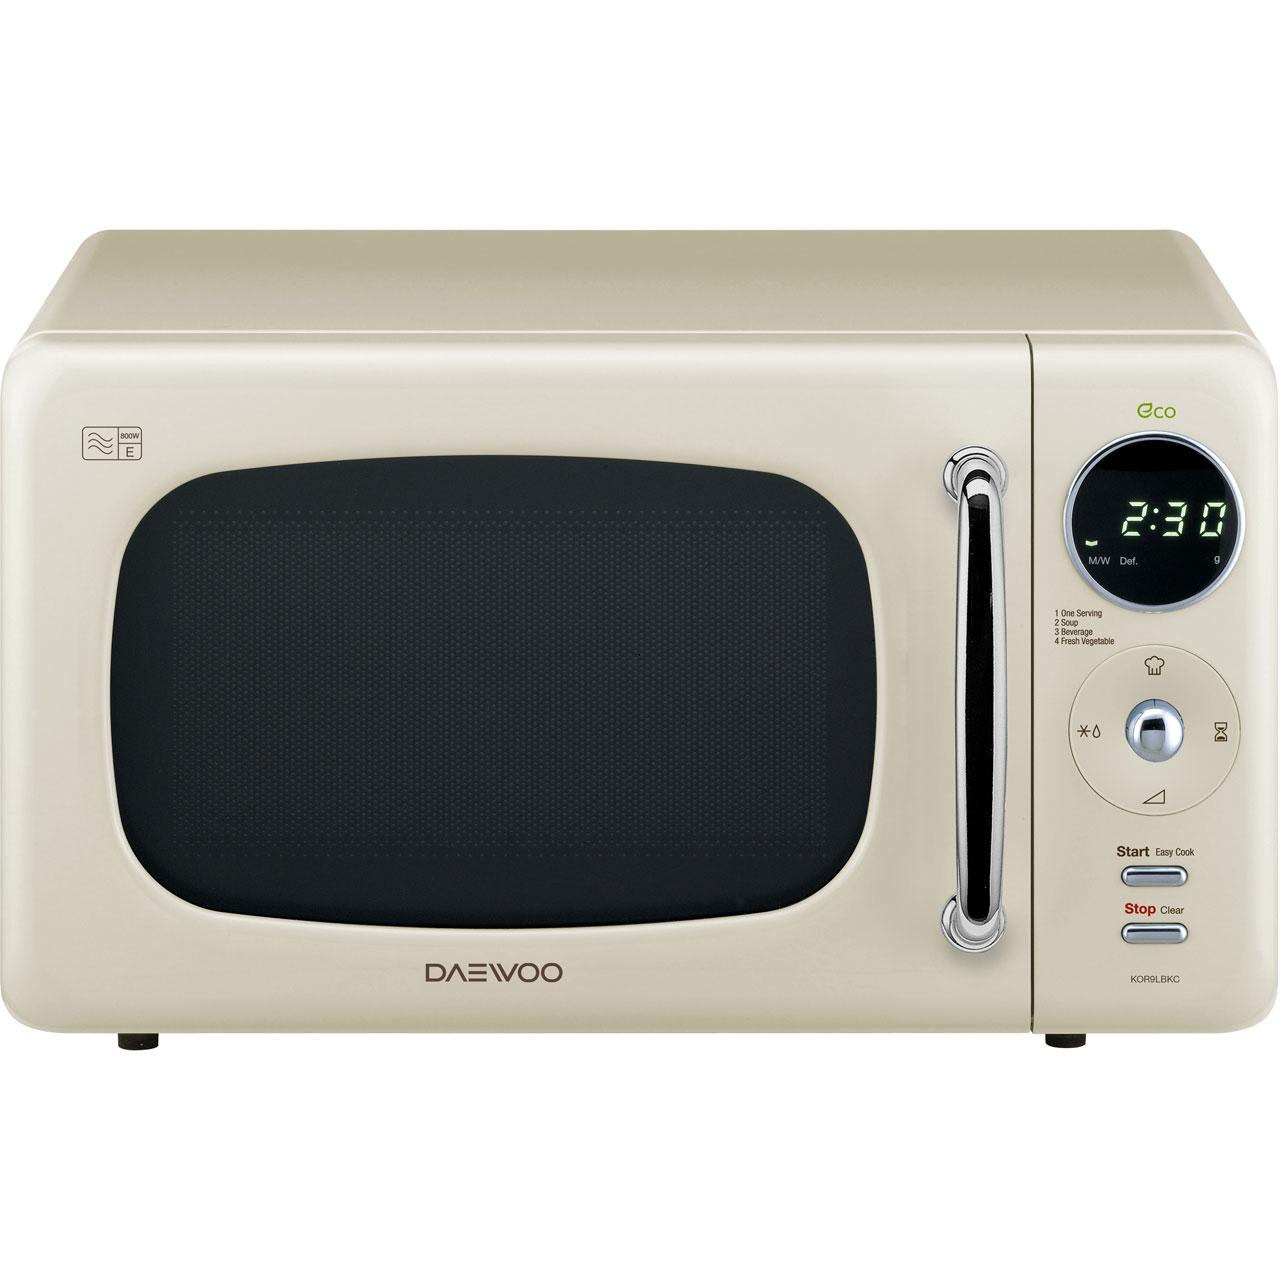 KOR9LBKC_CR | Daewoo Microwave | Cream | ao.com